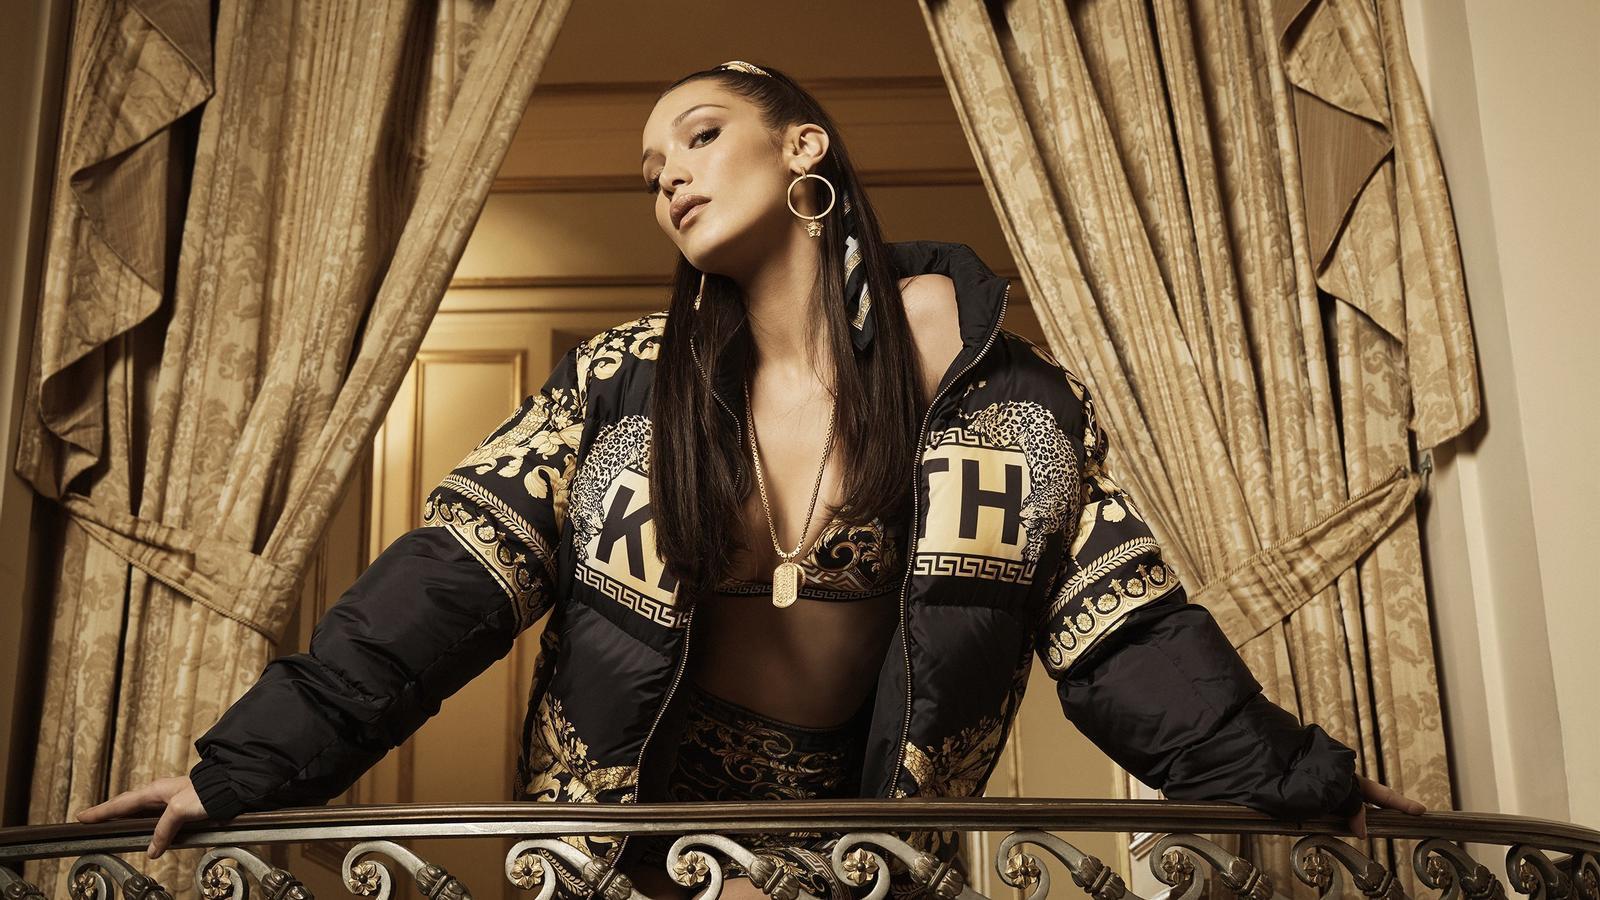 Una de les imatges de la campanya Kith X Versace